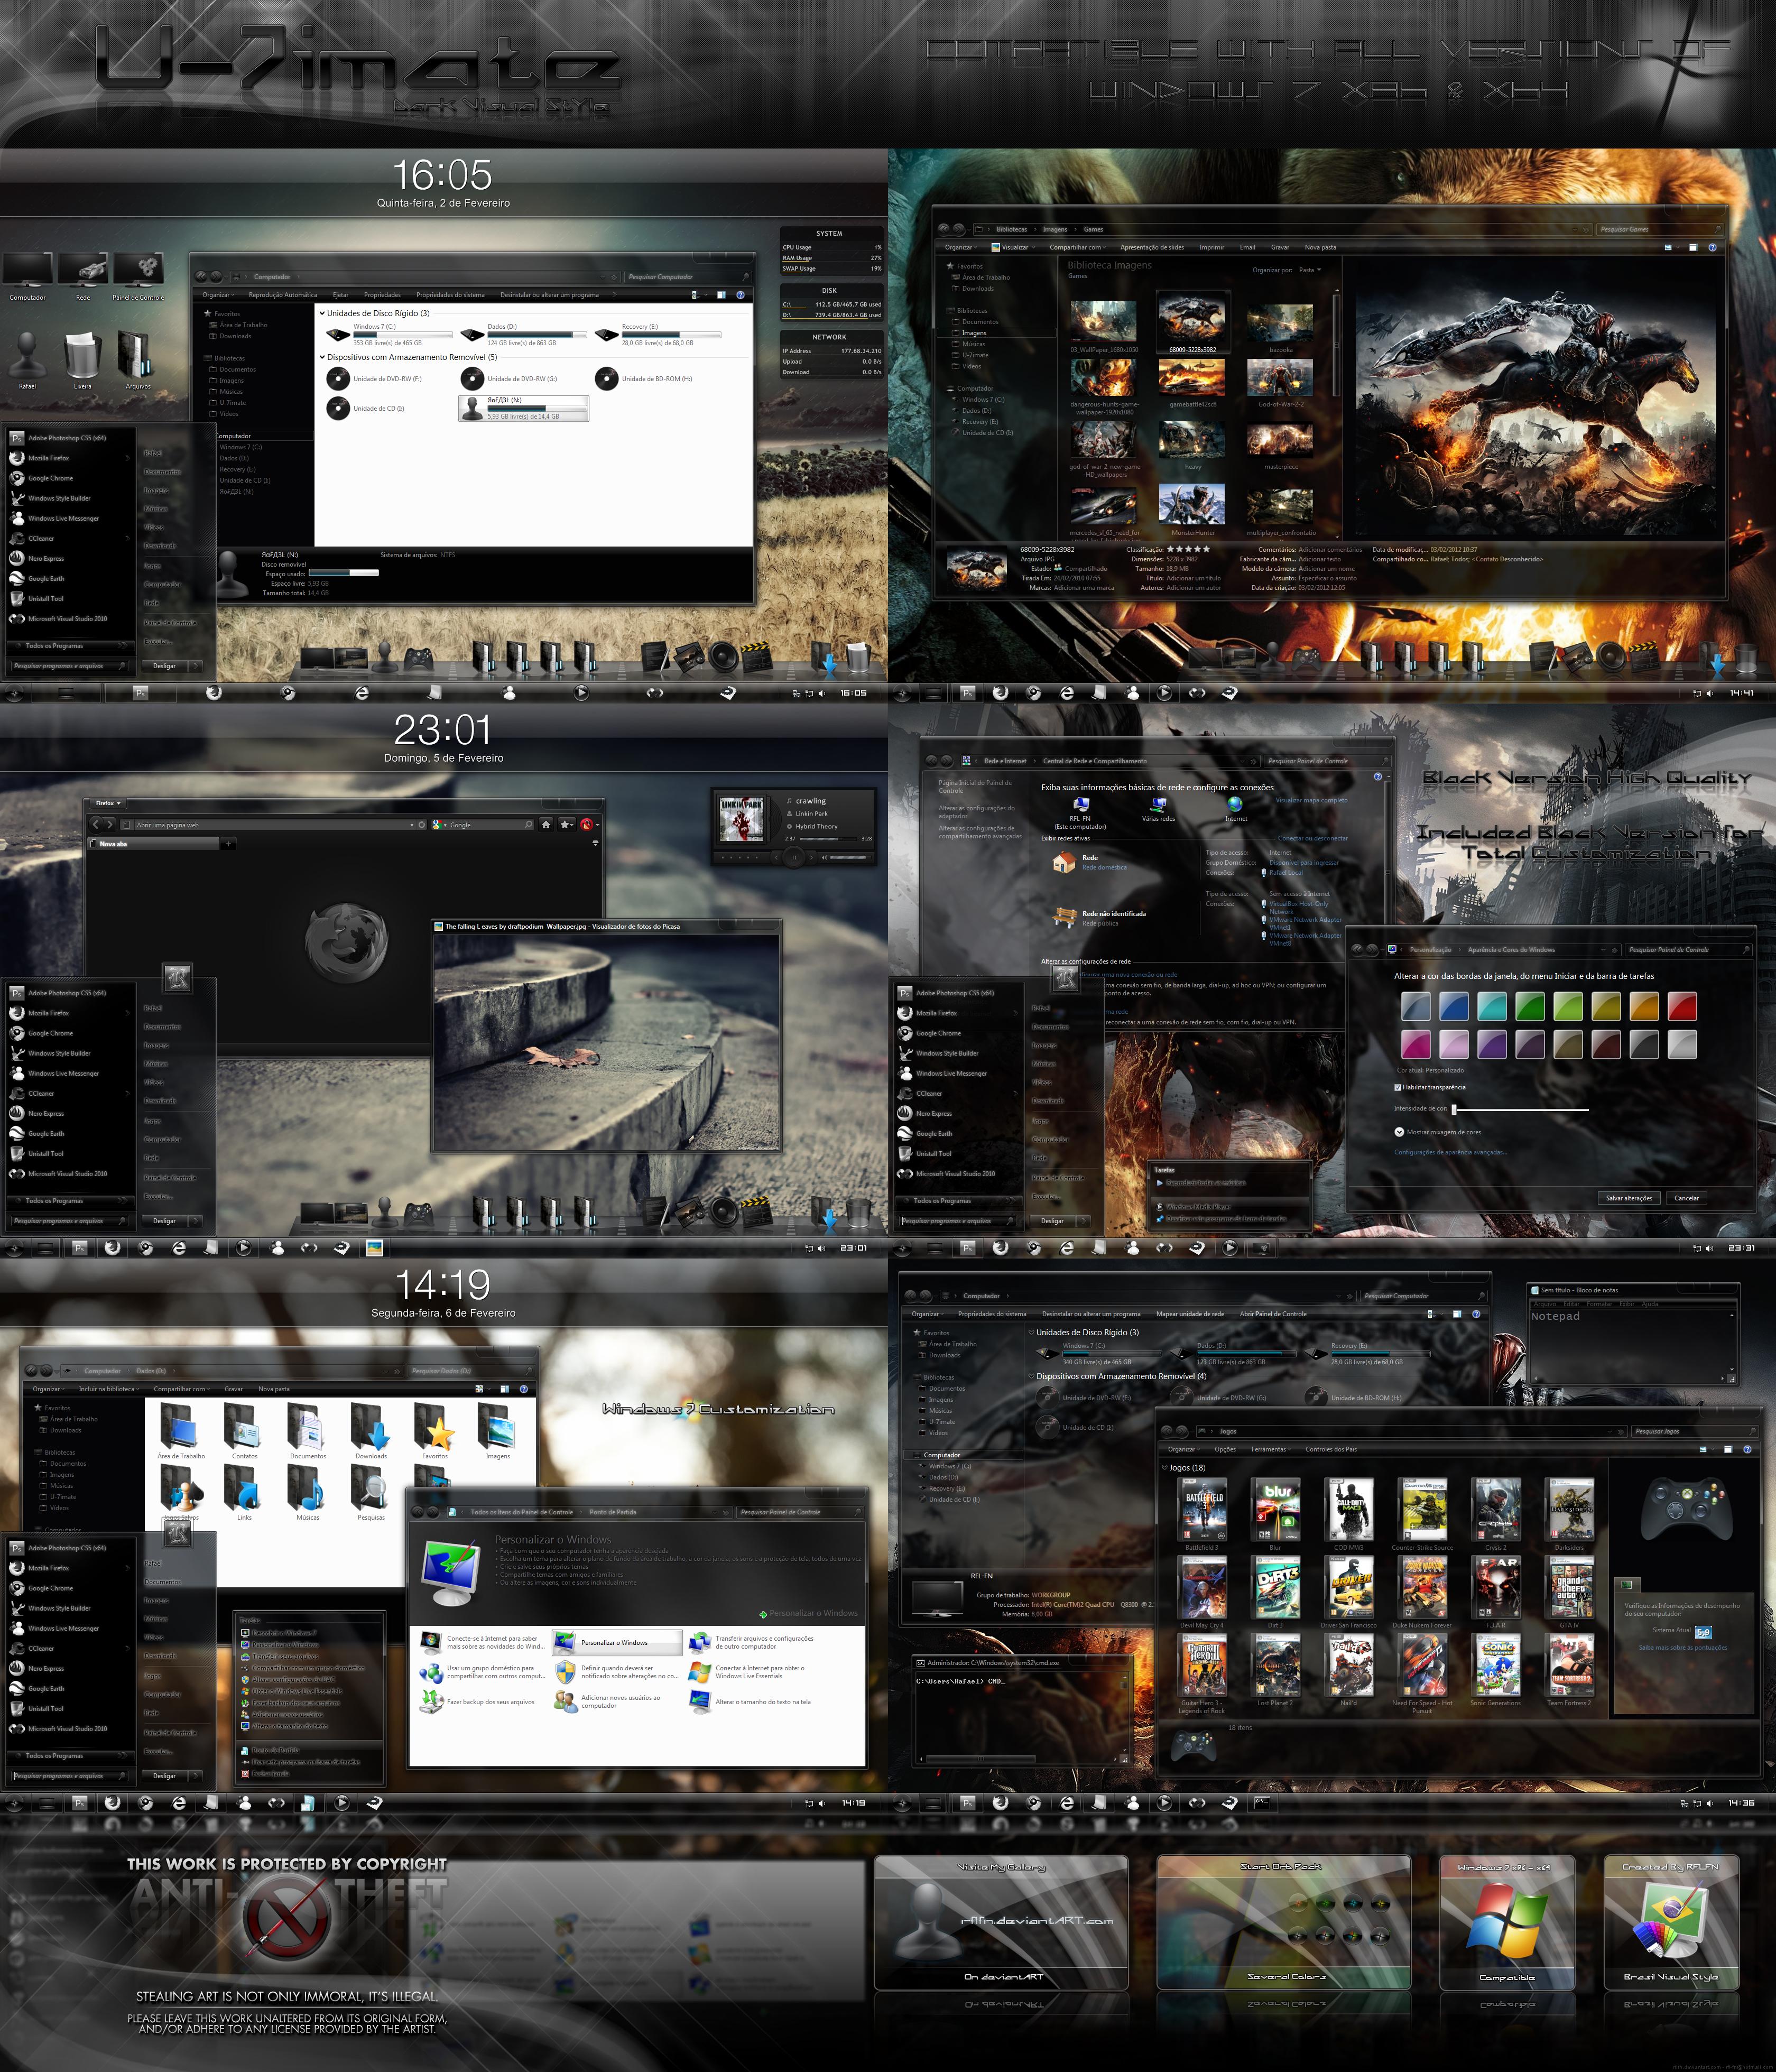 Эквалайзер для windows 7 гаджет скачать